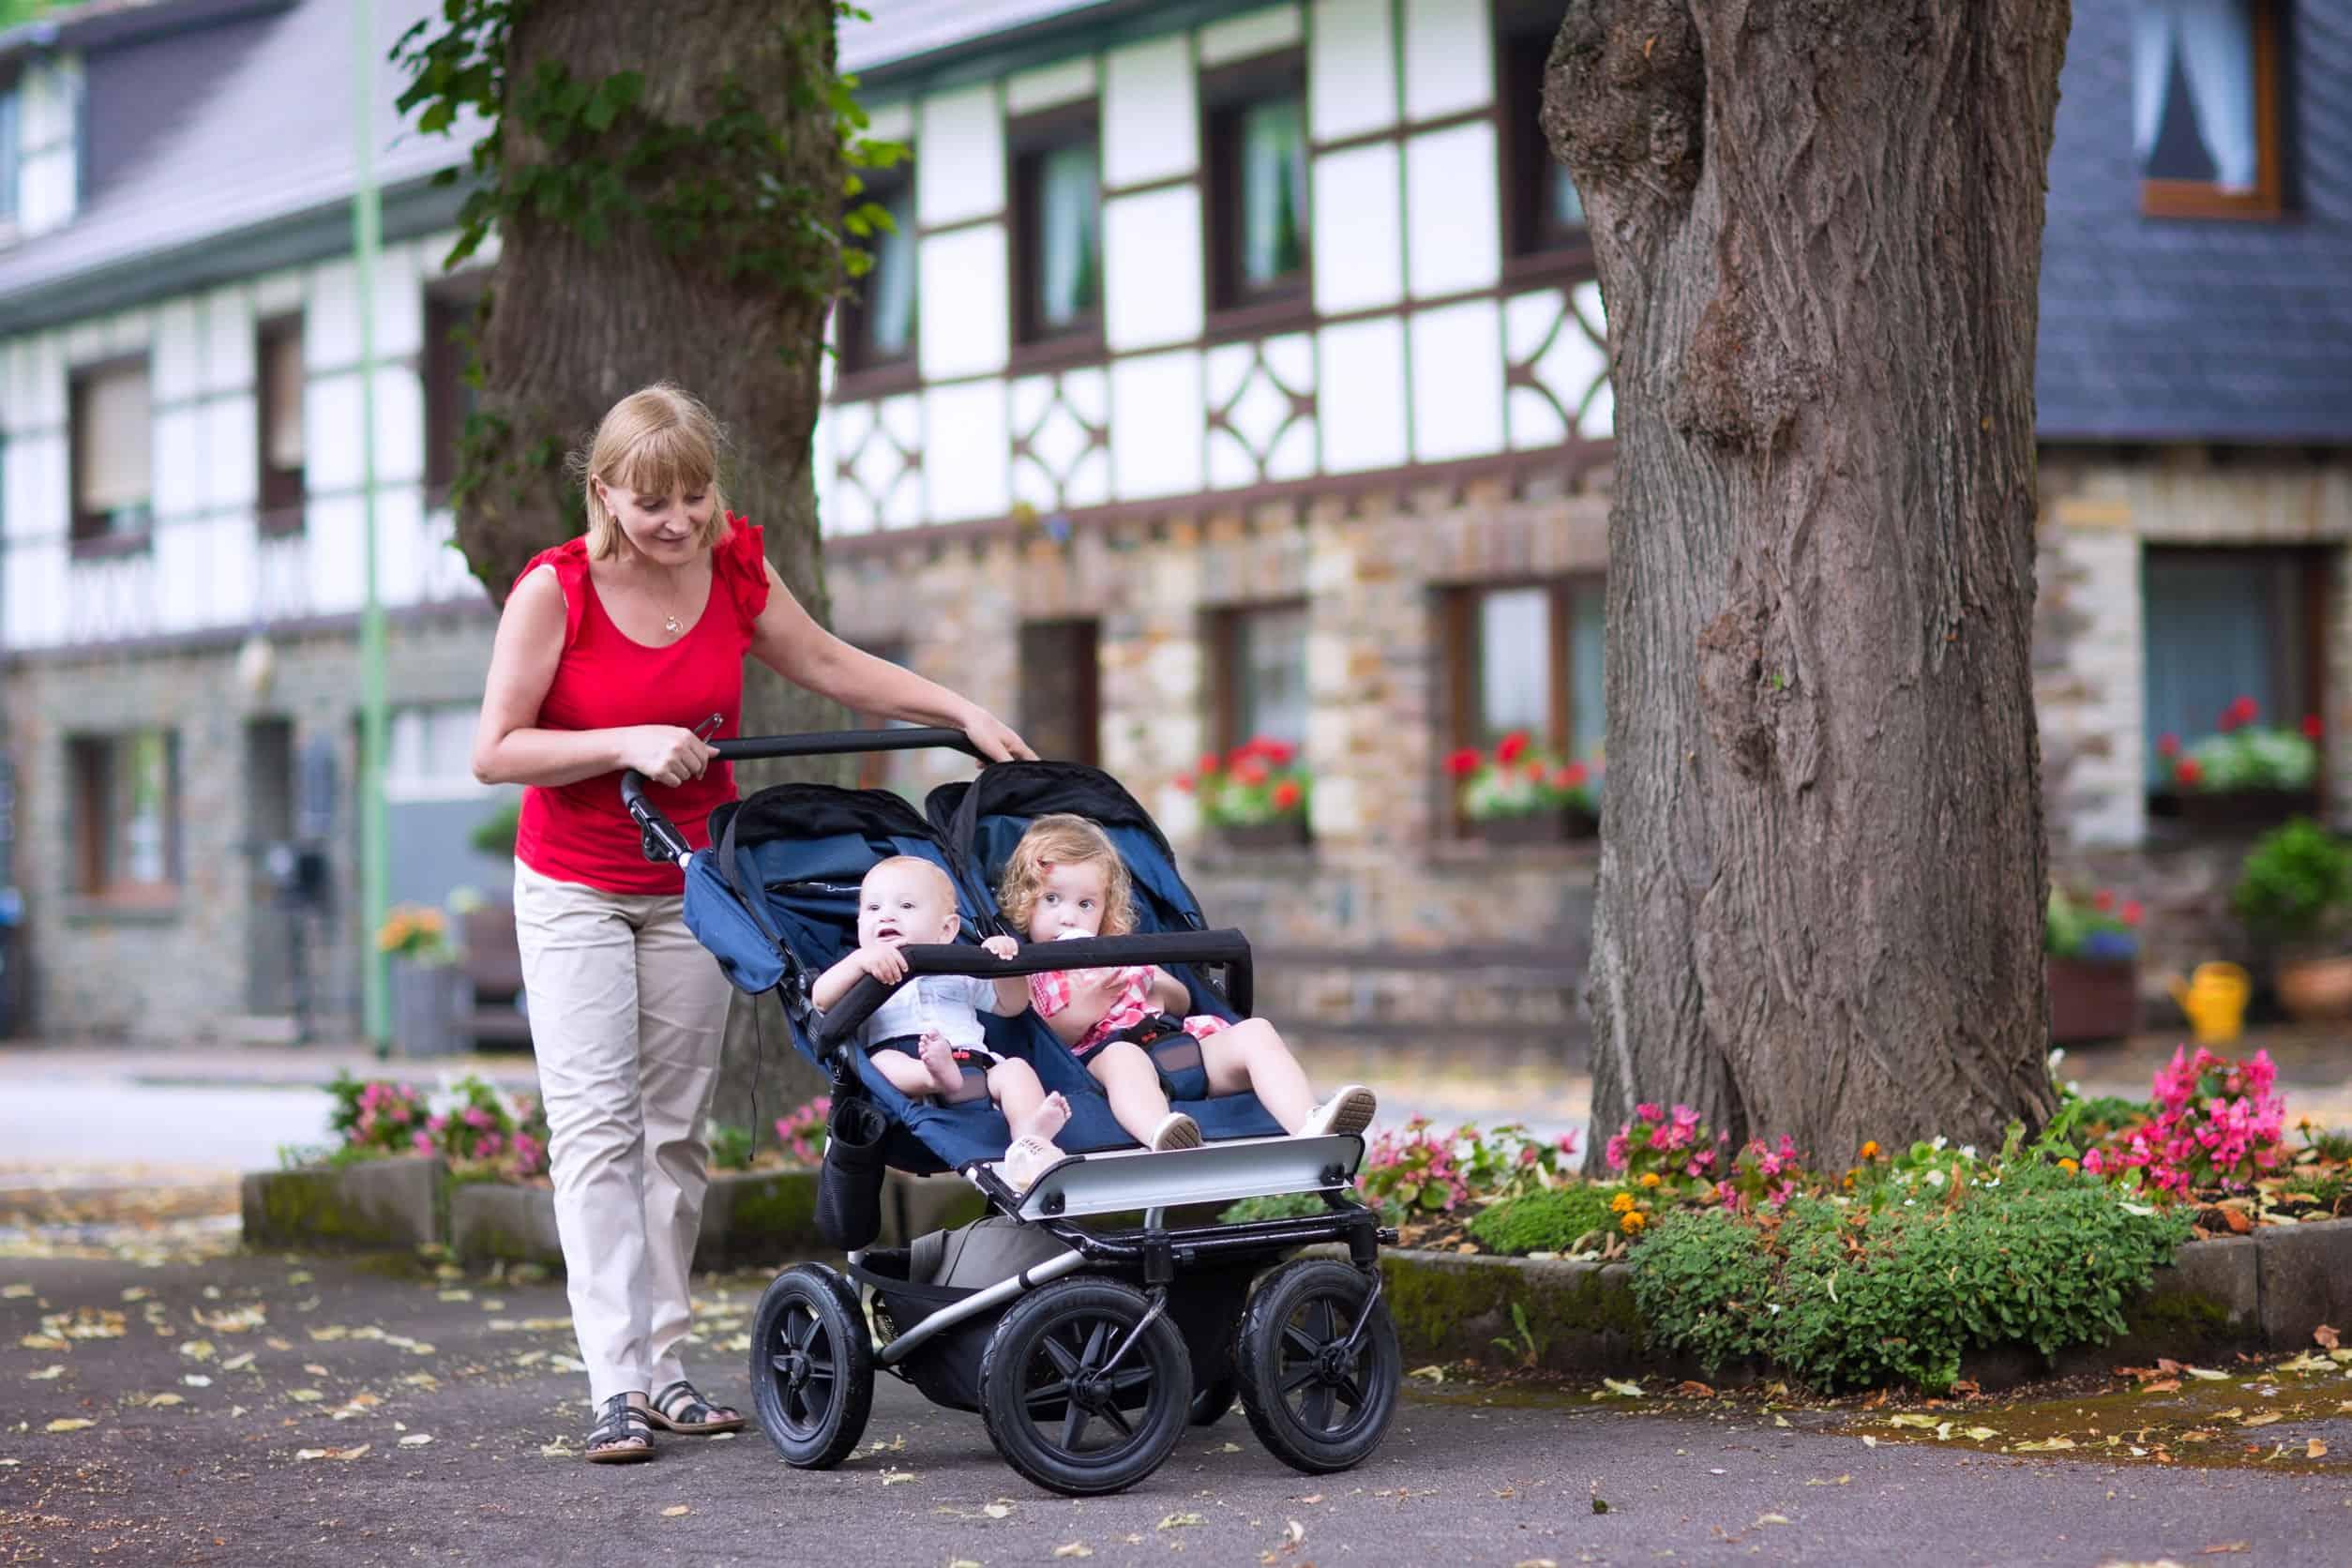 Imagem de mulher empurrando carrinho para gêmeos com duas crianças, de idades diferentes.